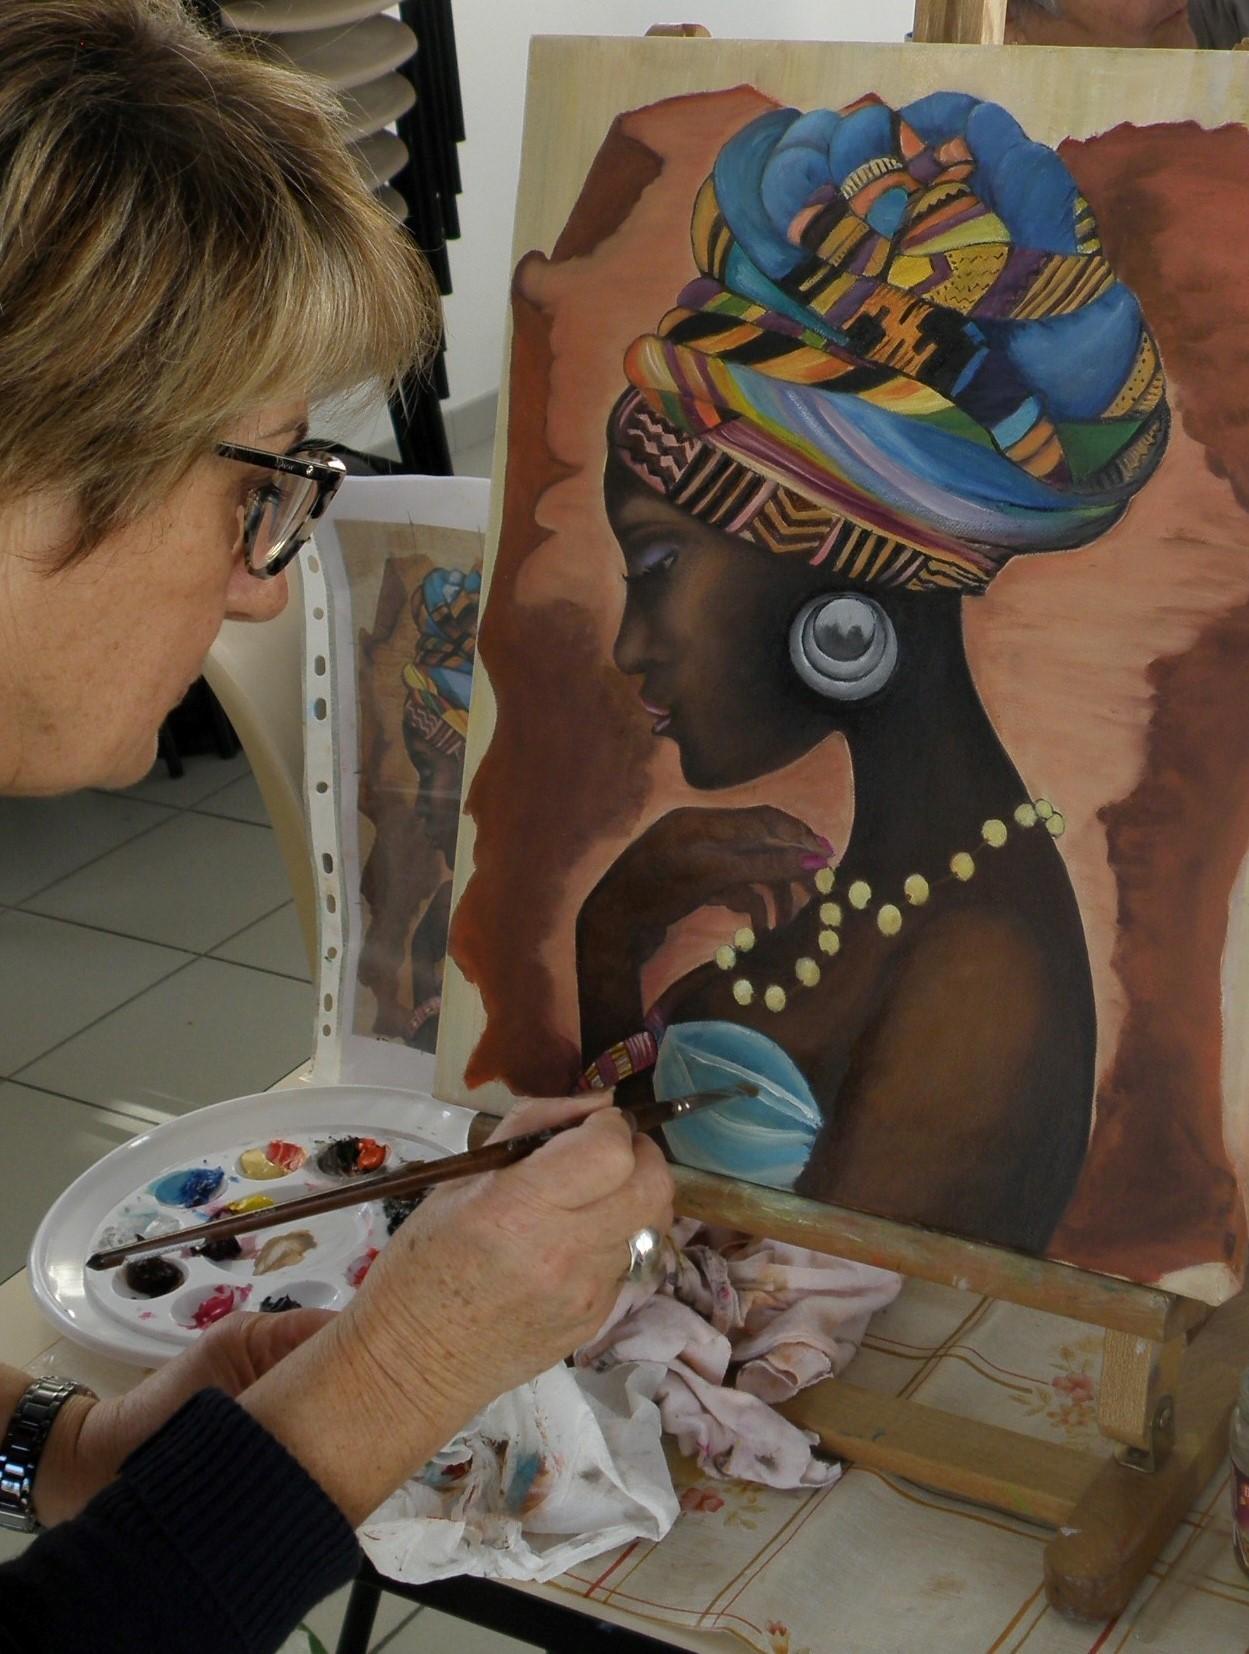 Danielle (qui n'est pas prolixe) enchaîne avec un portrait d'Africaine